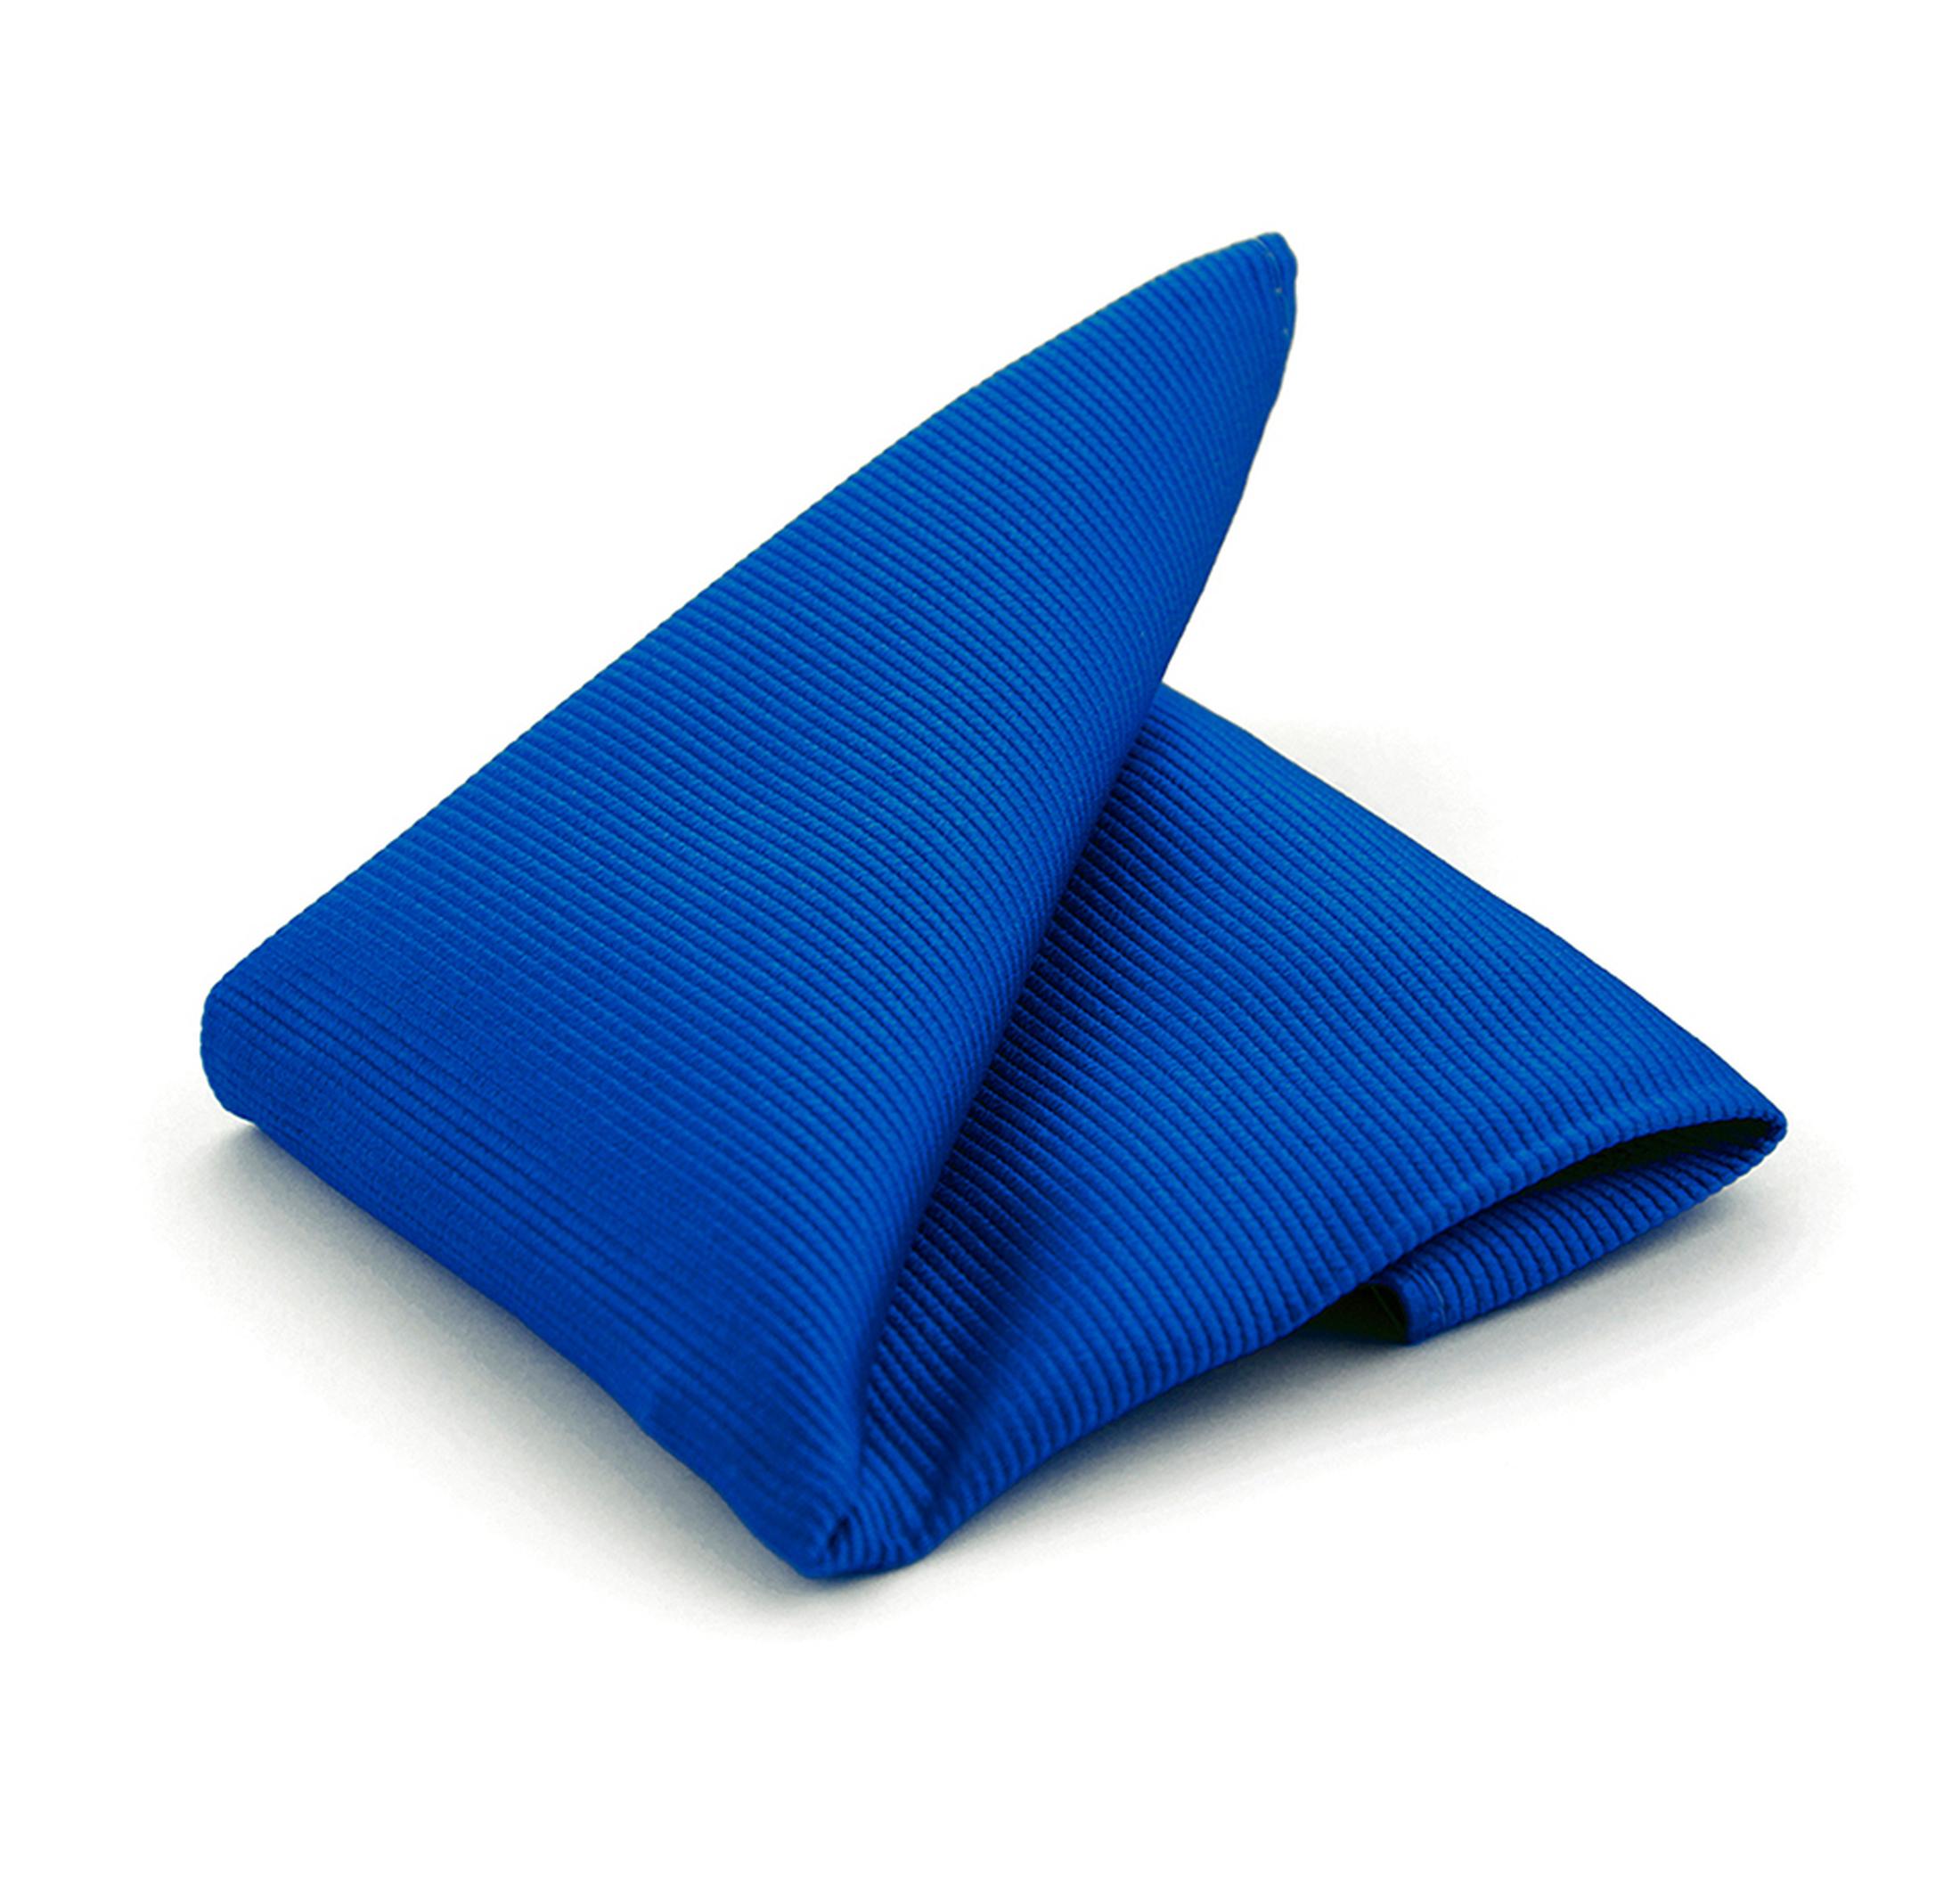 Einstecktuch Seide Kolbaltblau F65 Foto 0